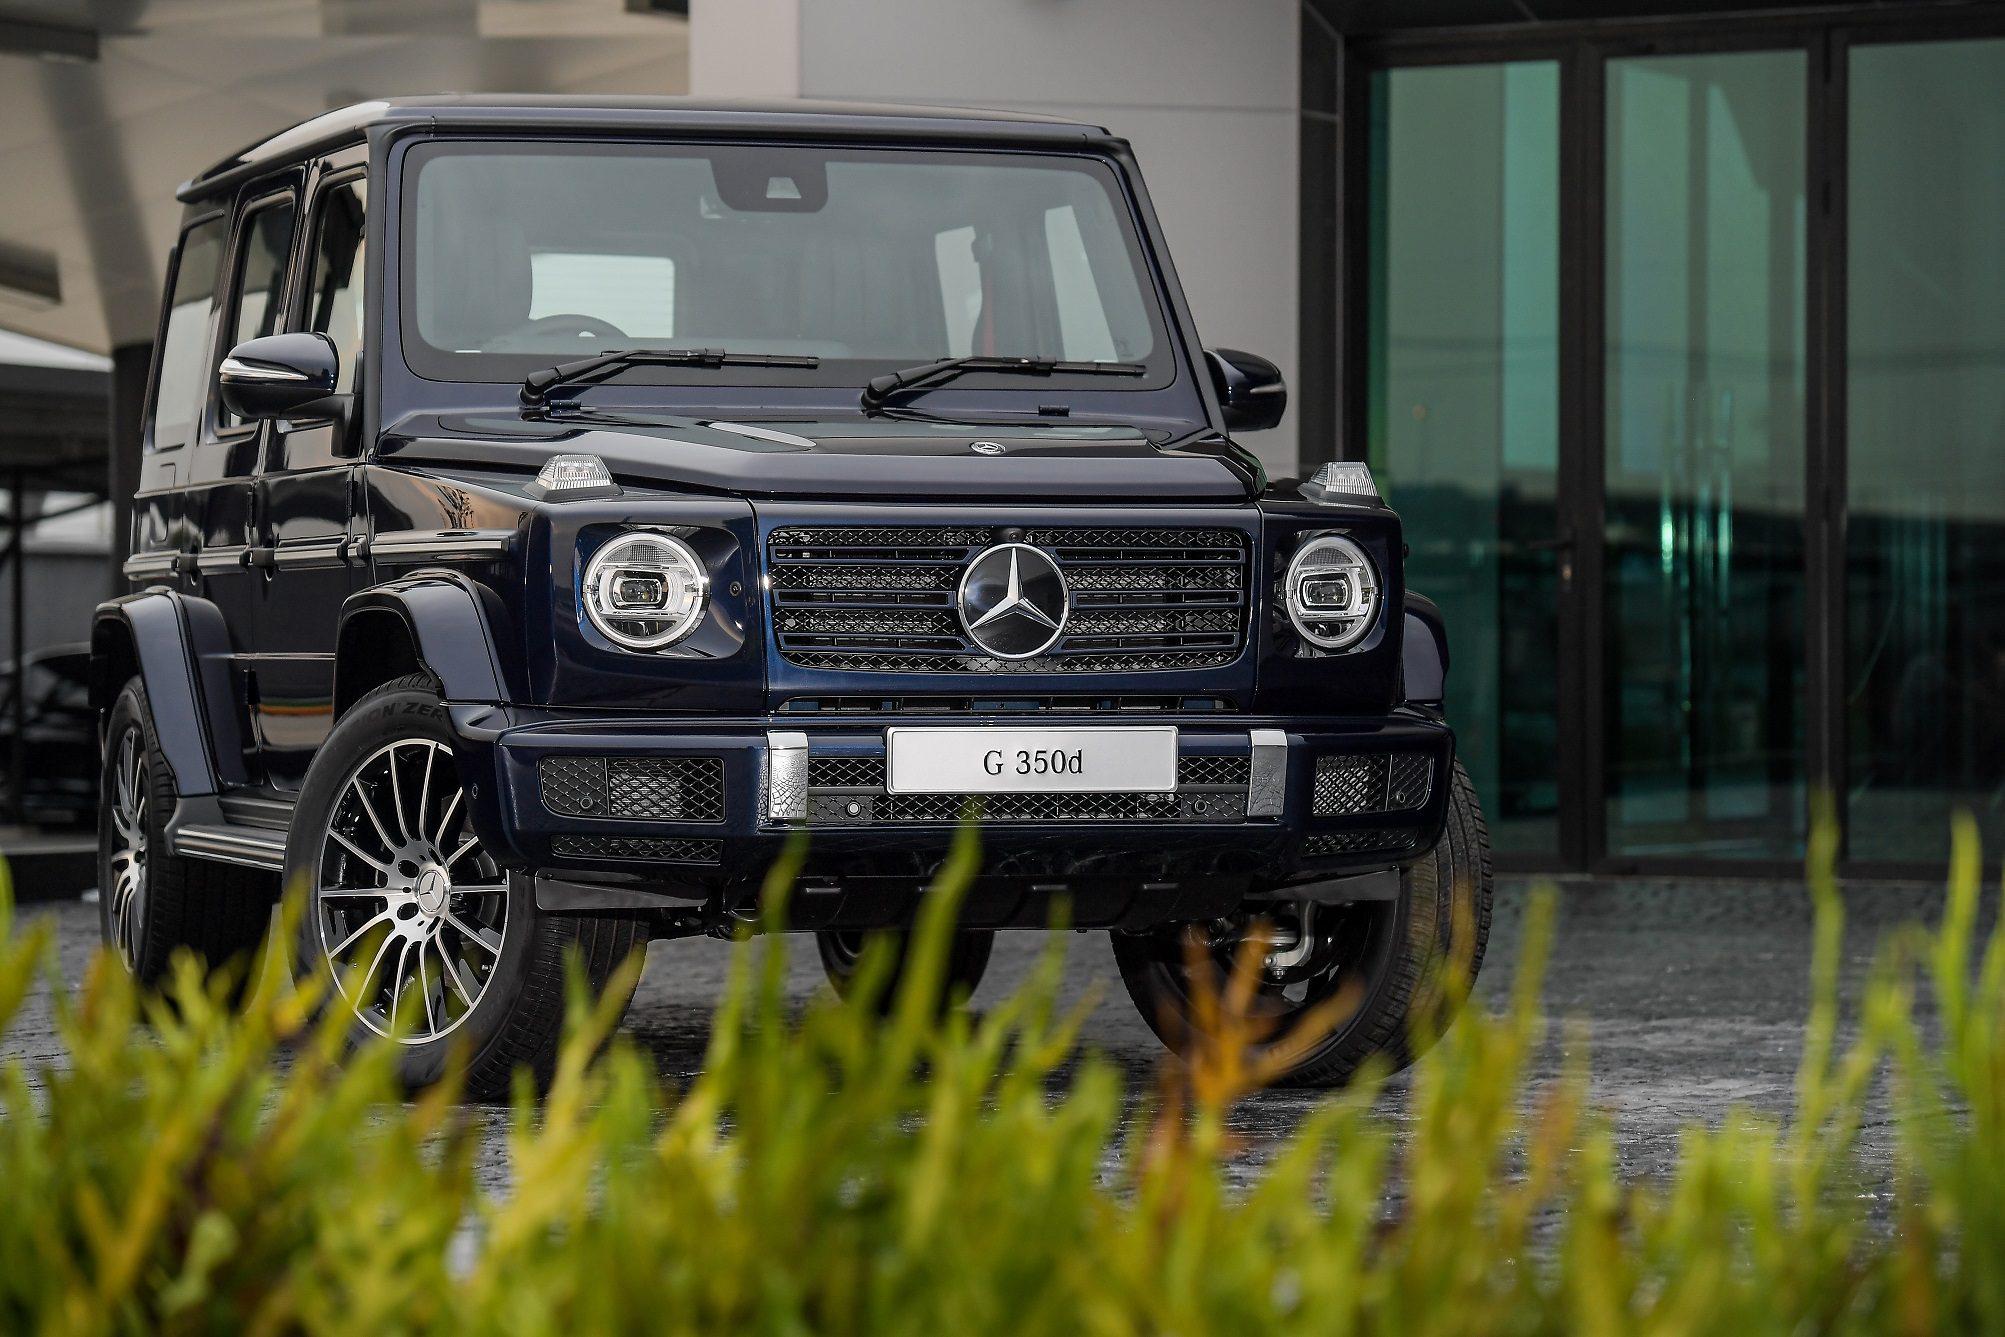 """เมอร์เซเดส-เบนซ์ เปิดตัว """"Mercedes-Benz G 350 d Sport"""" ที่สุดแห่งยนตรกรรมออฟโรด"""